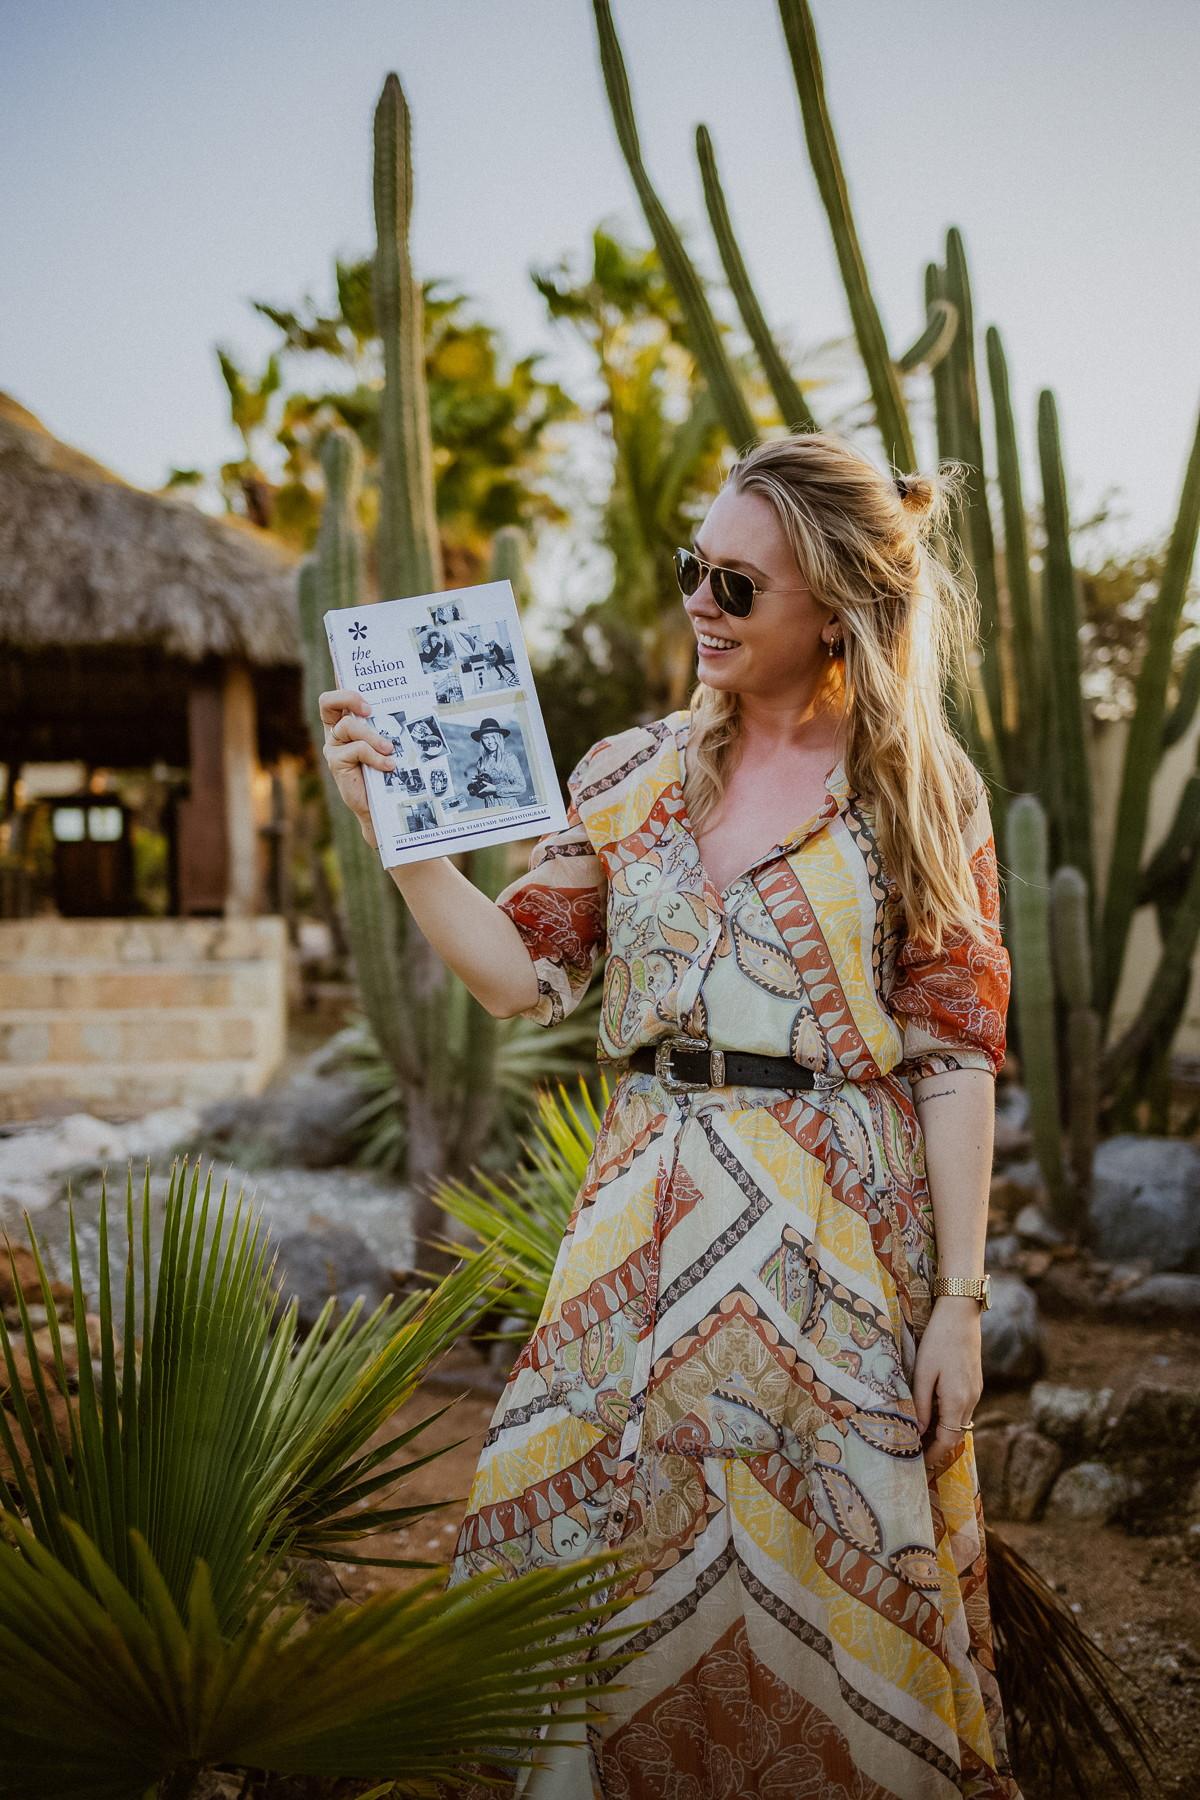 The Fashion camera HET HANDBOEK VOOR DE STARTENDE MODEFOTOGRAAF van Liselotte Fleur